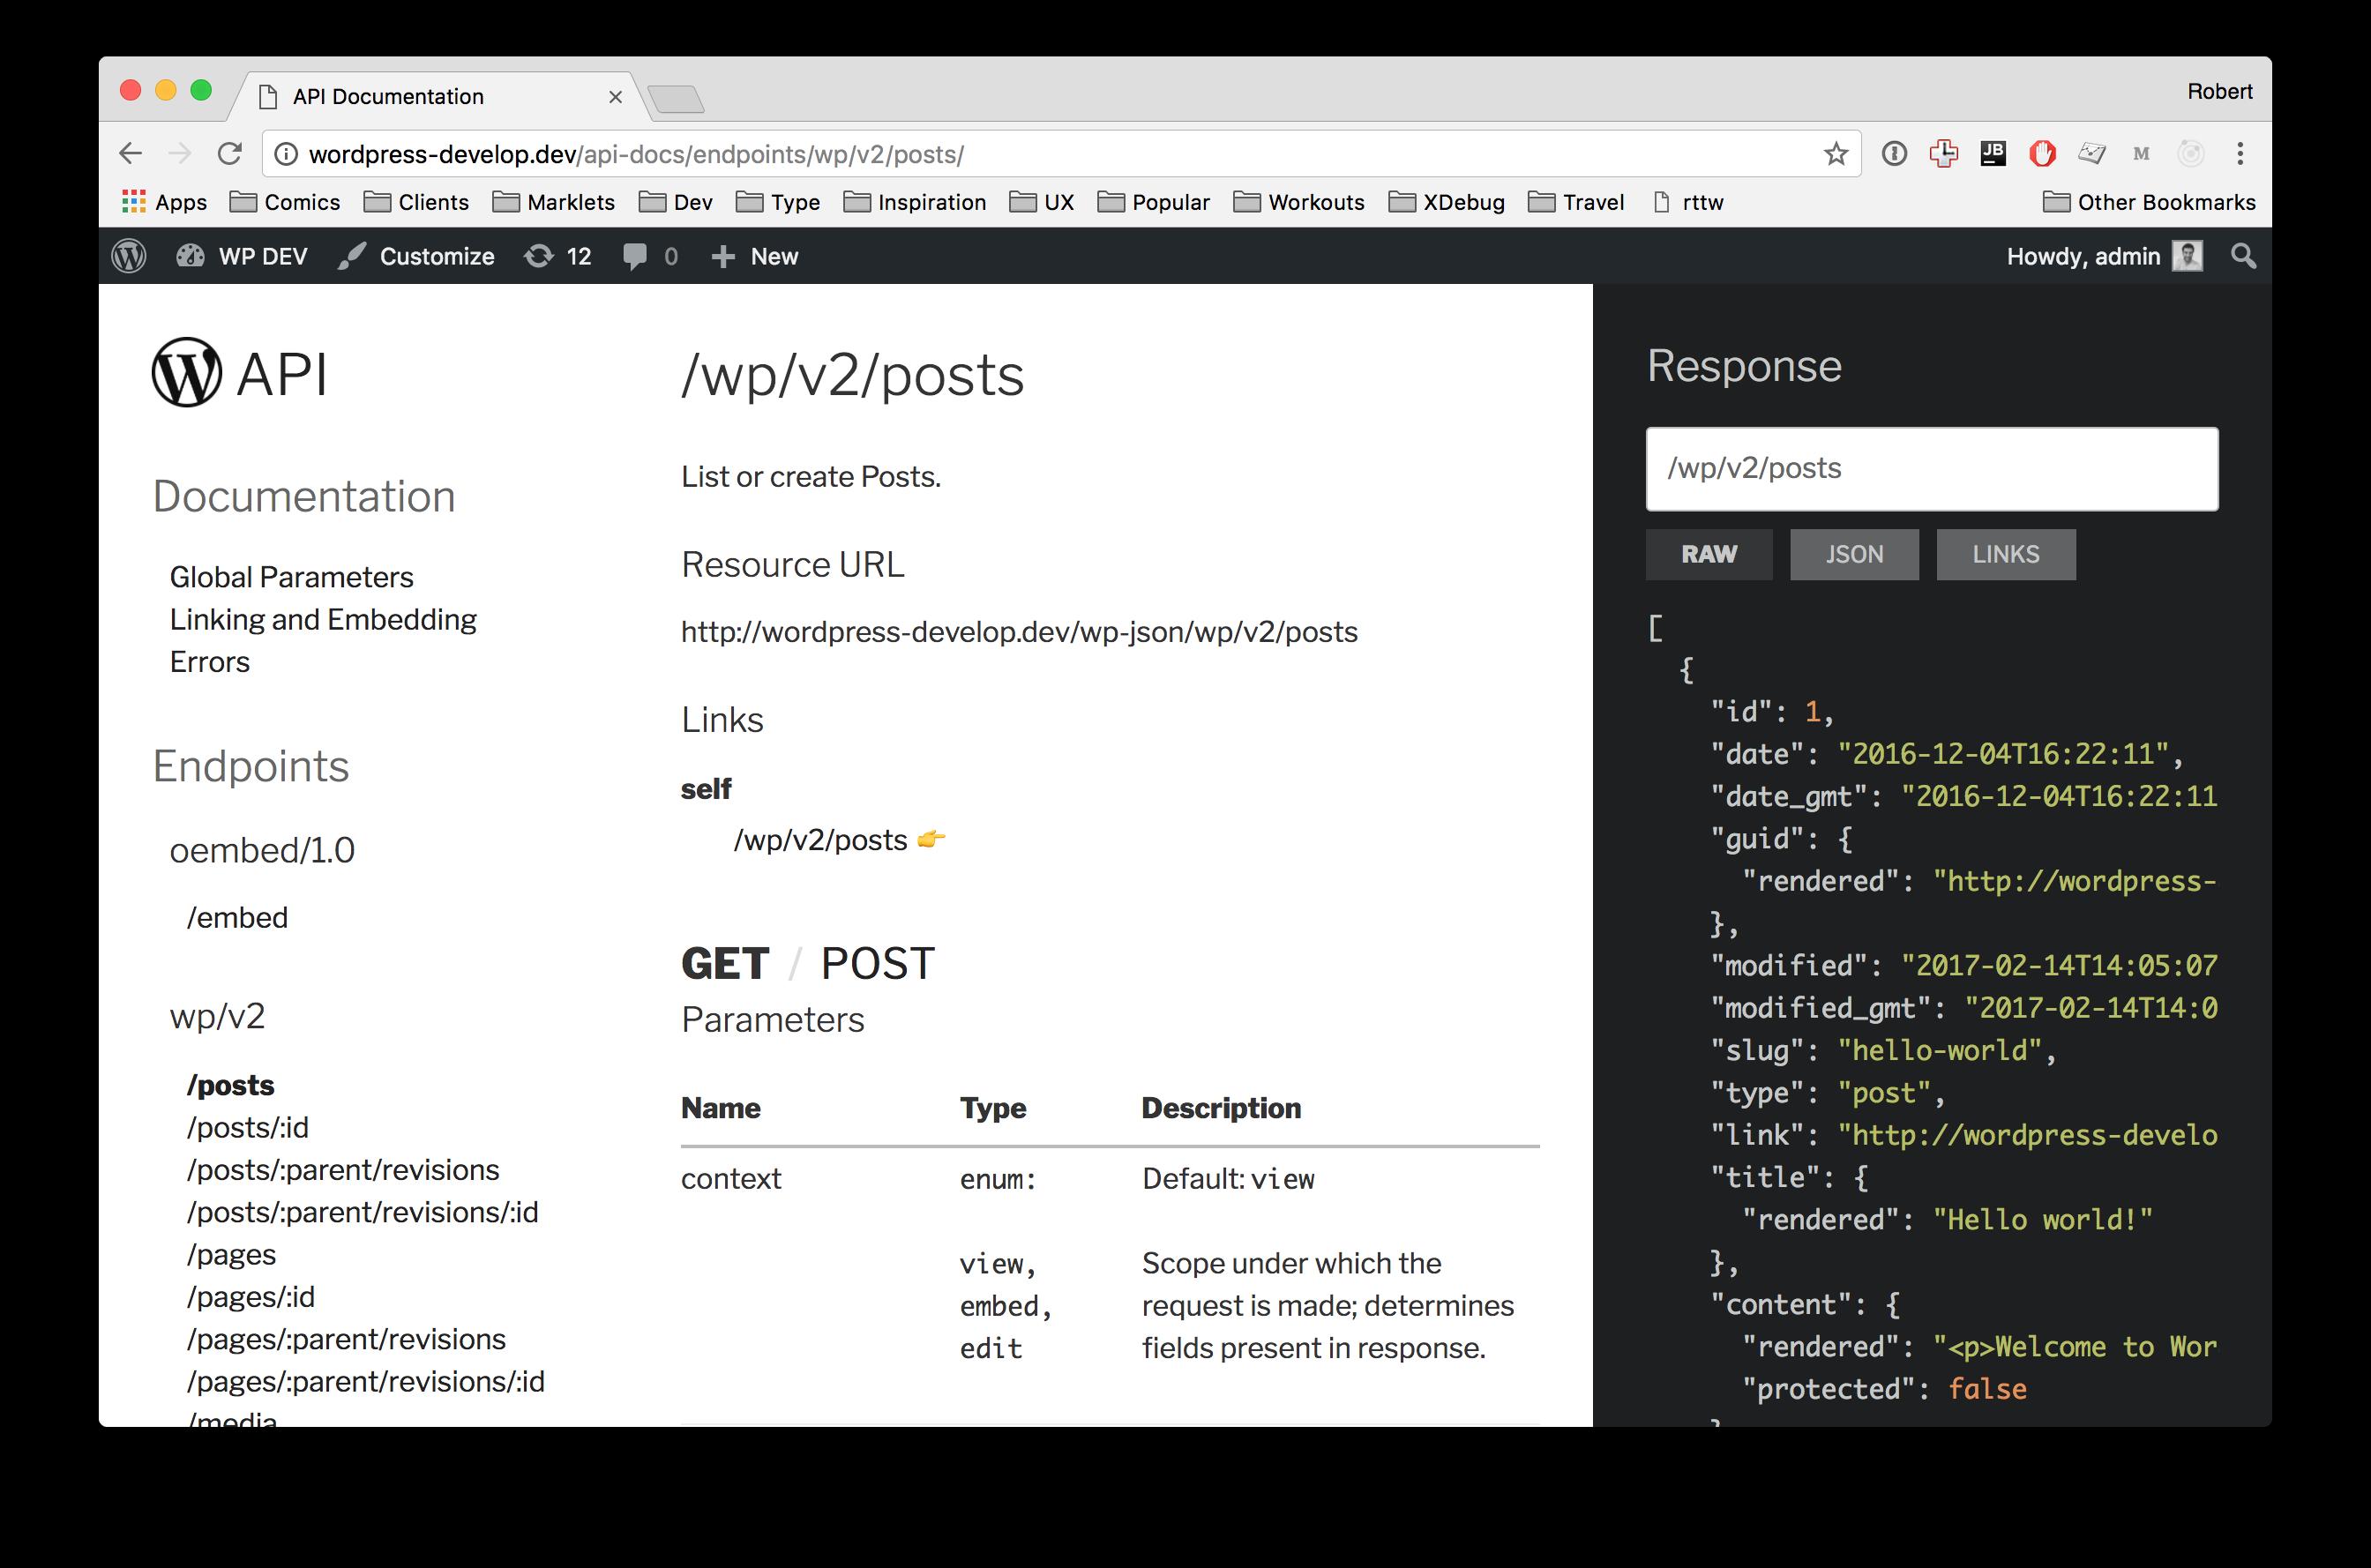 GitHub - humanmade/Restsplain: WordPress REST API